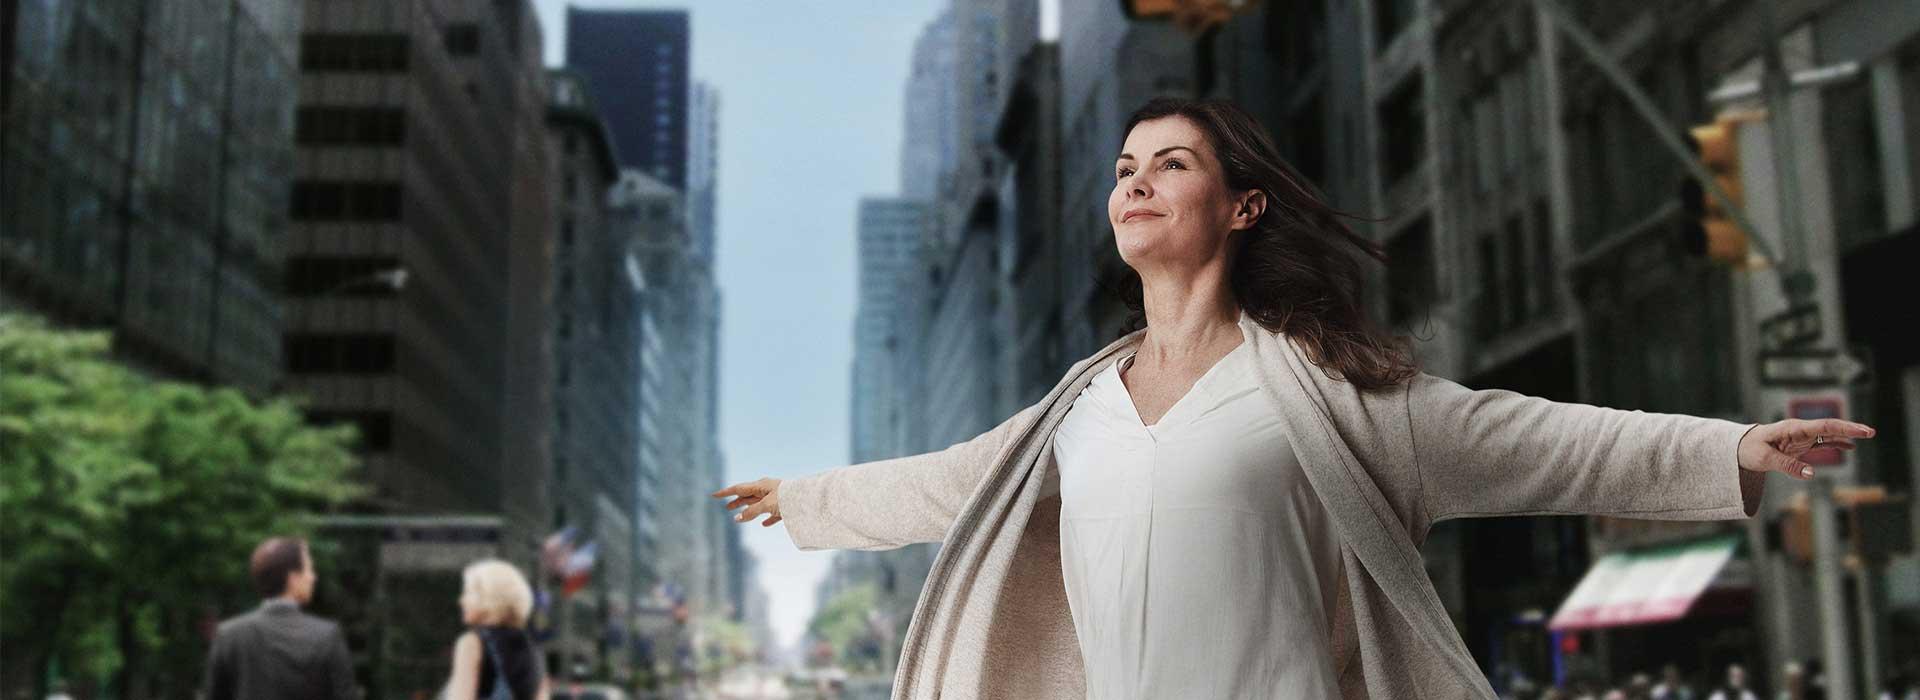 Une femme tend les bras et se sent libre